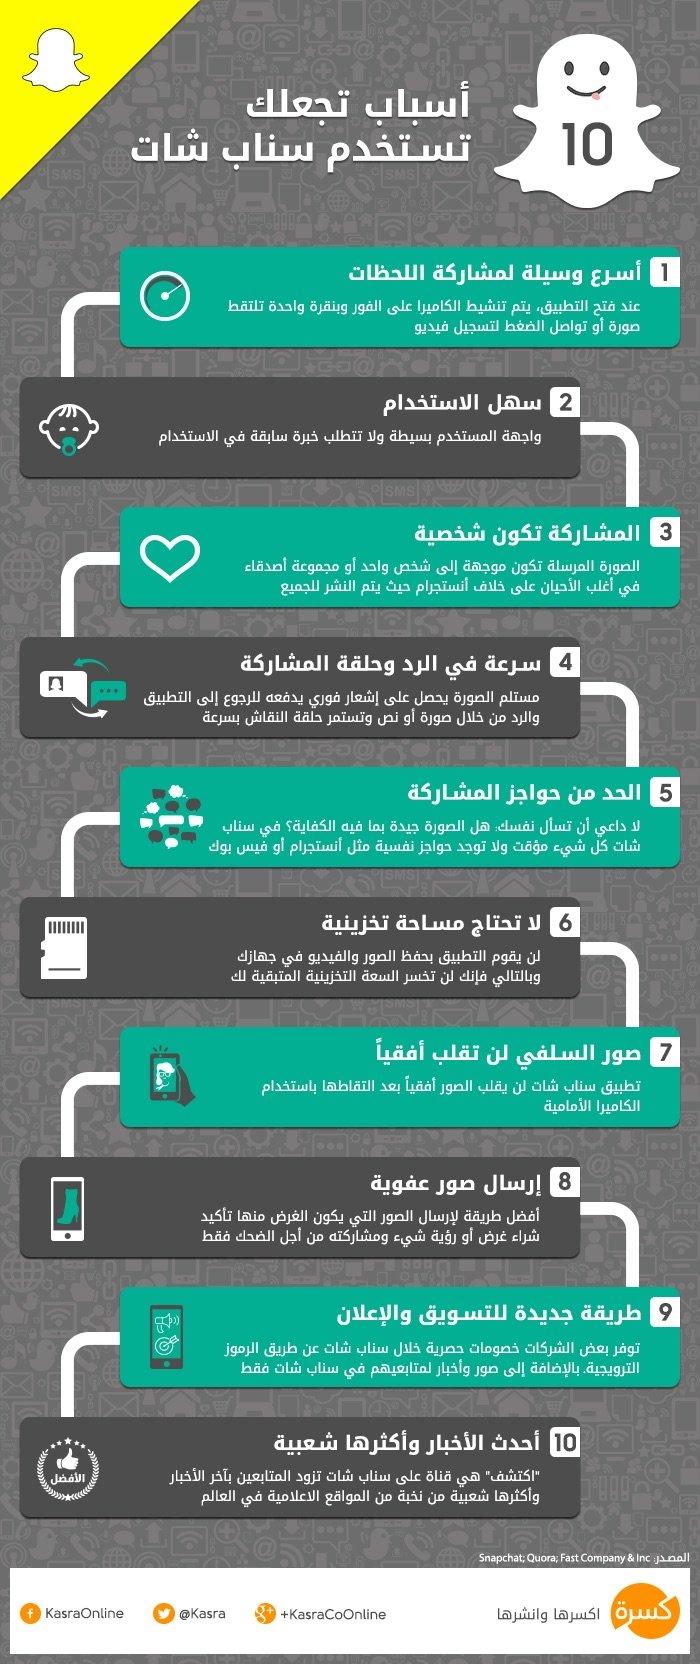 لماذا عليك استخدام #سناب_شات ؟ #انفوجرافيك #اعلام_اجتماعي